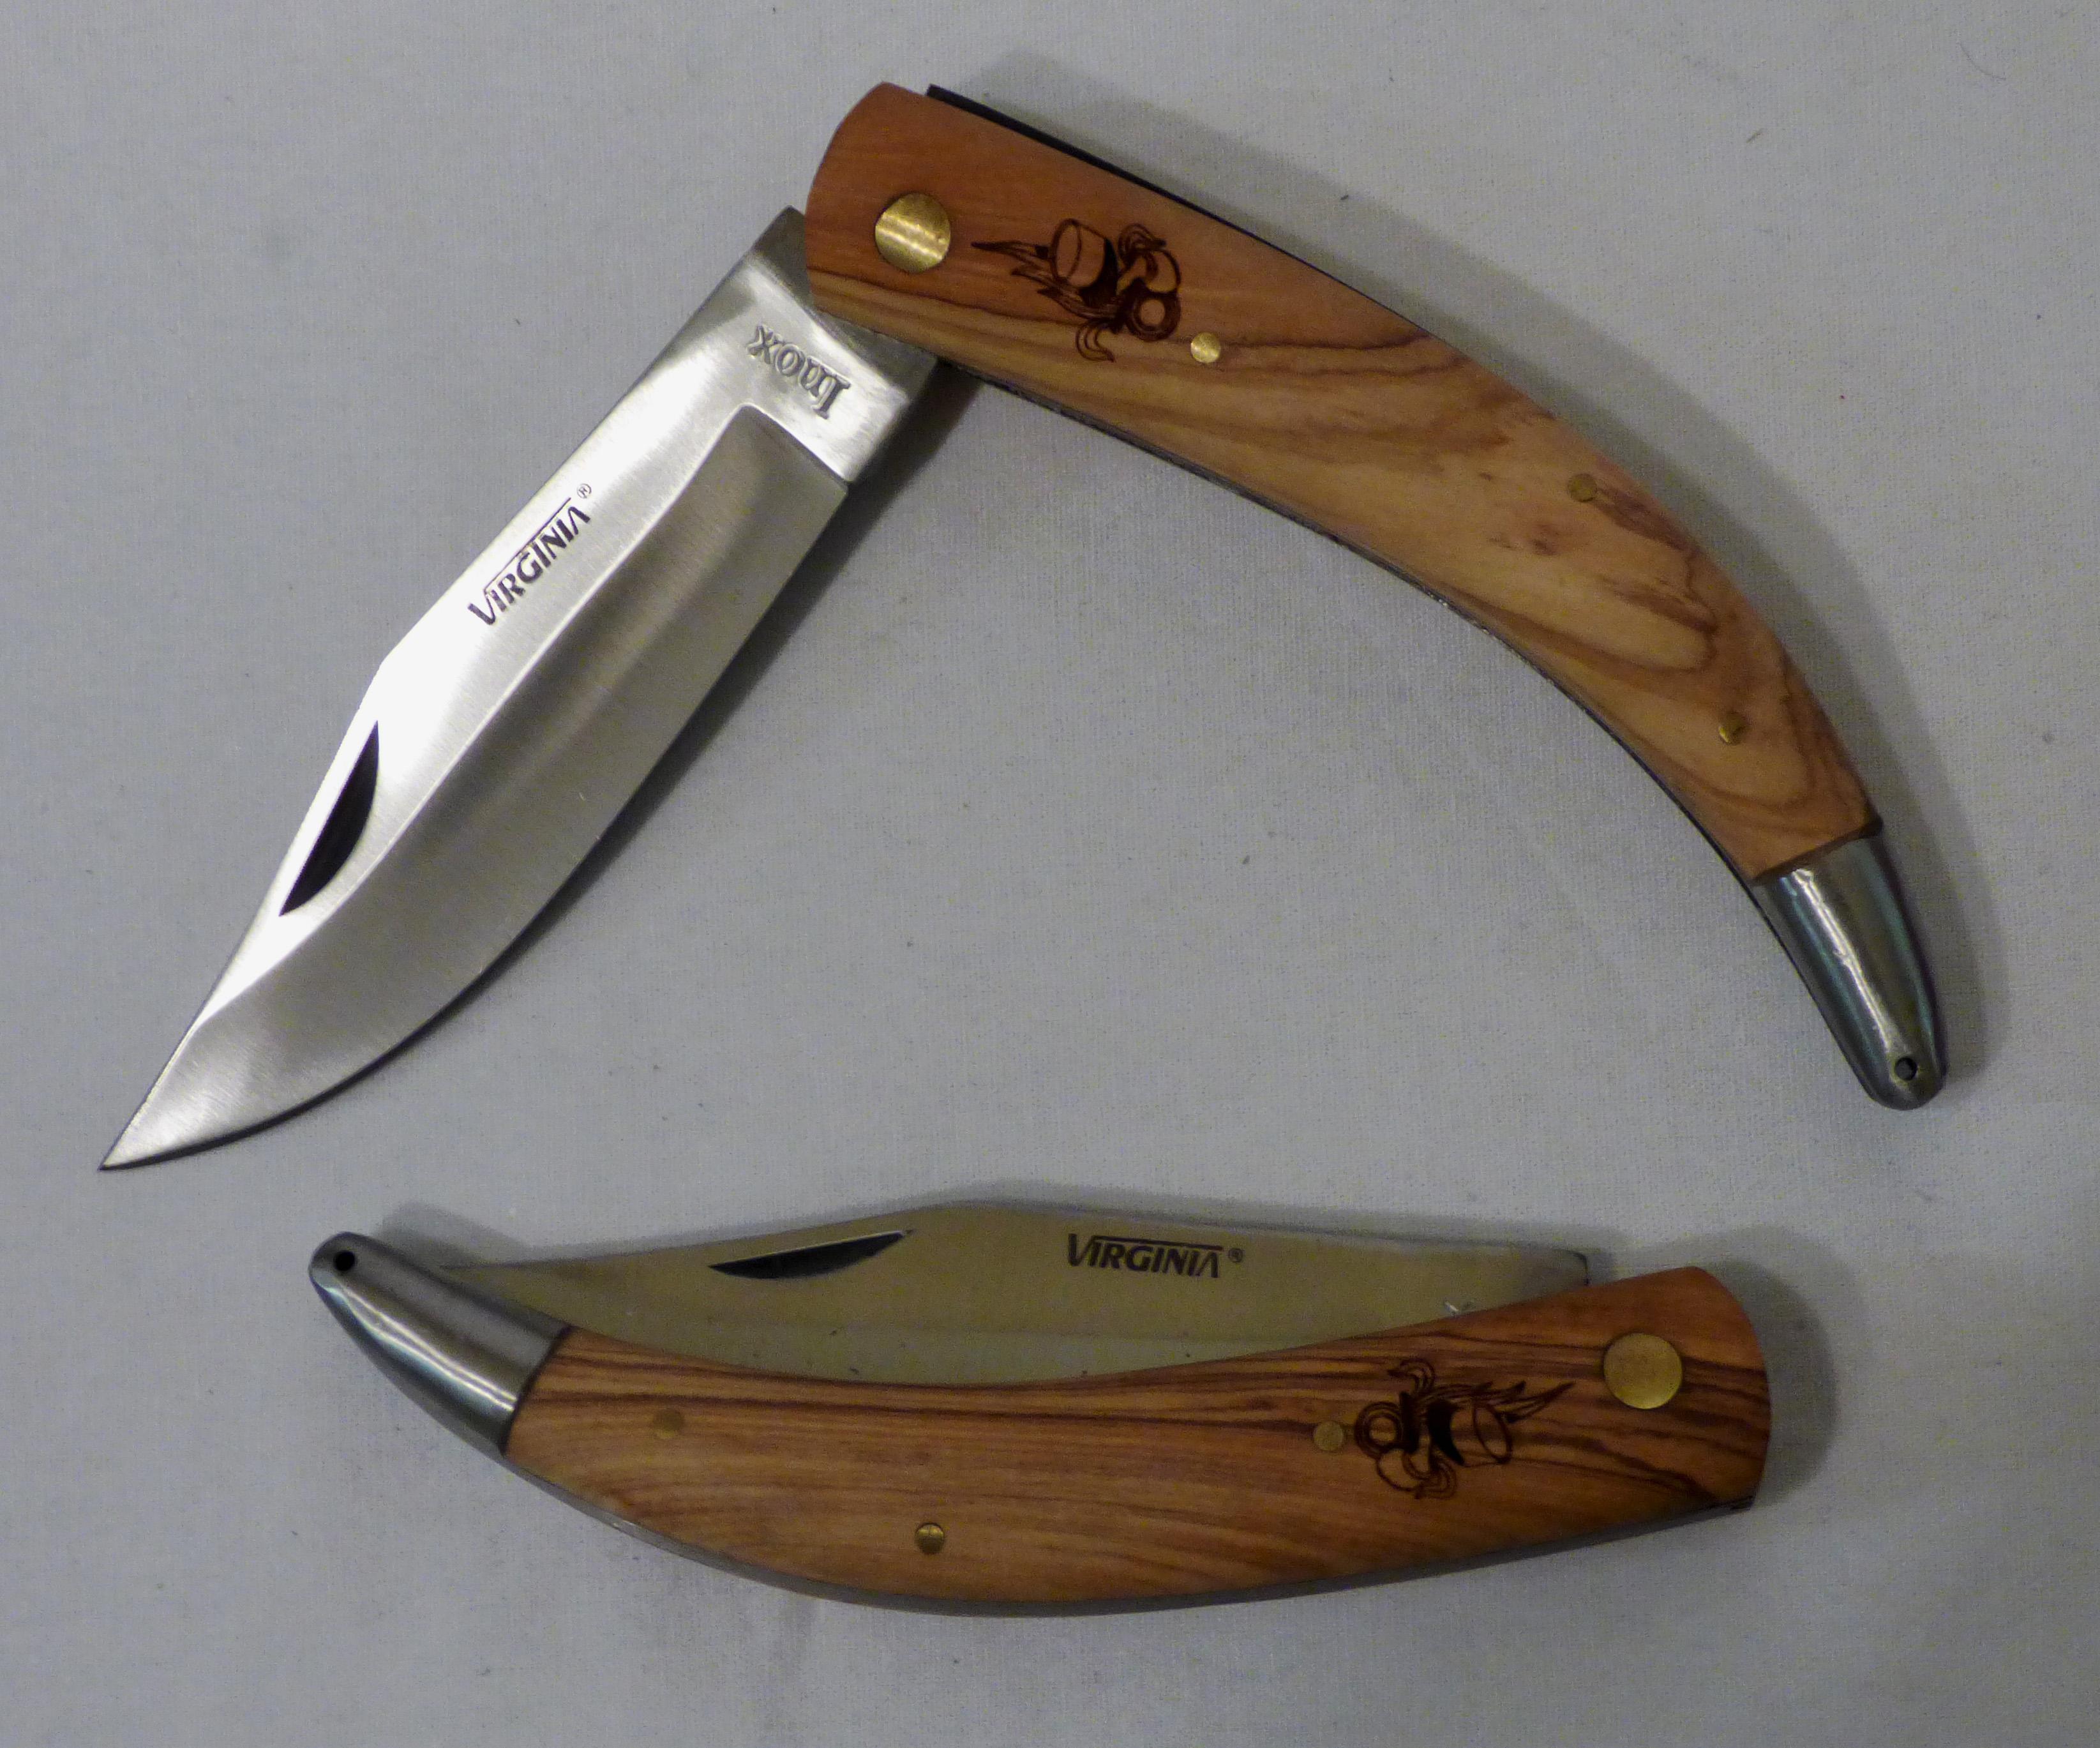 datation Remington couteaux de poche